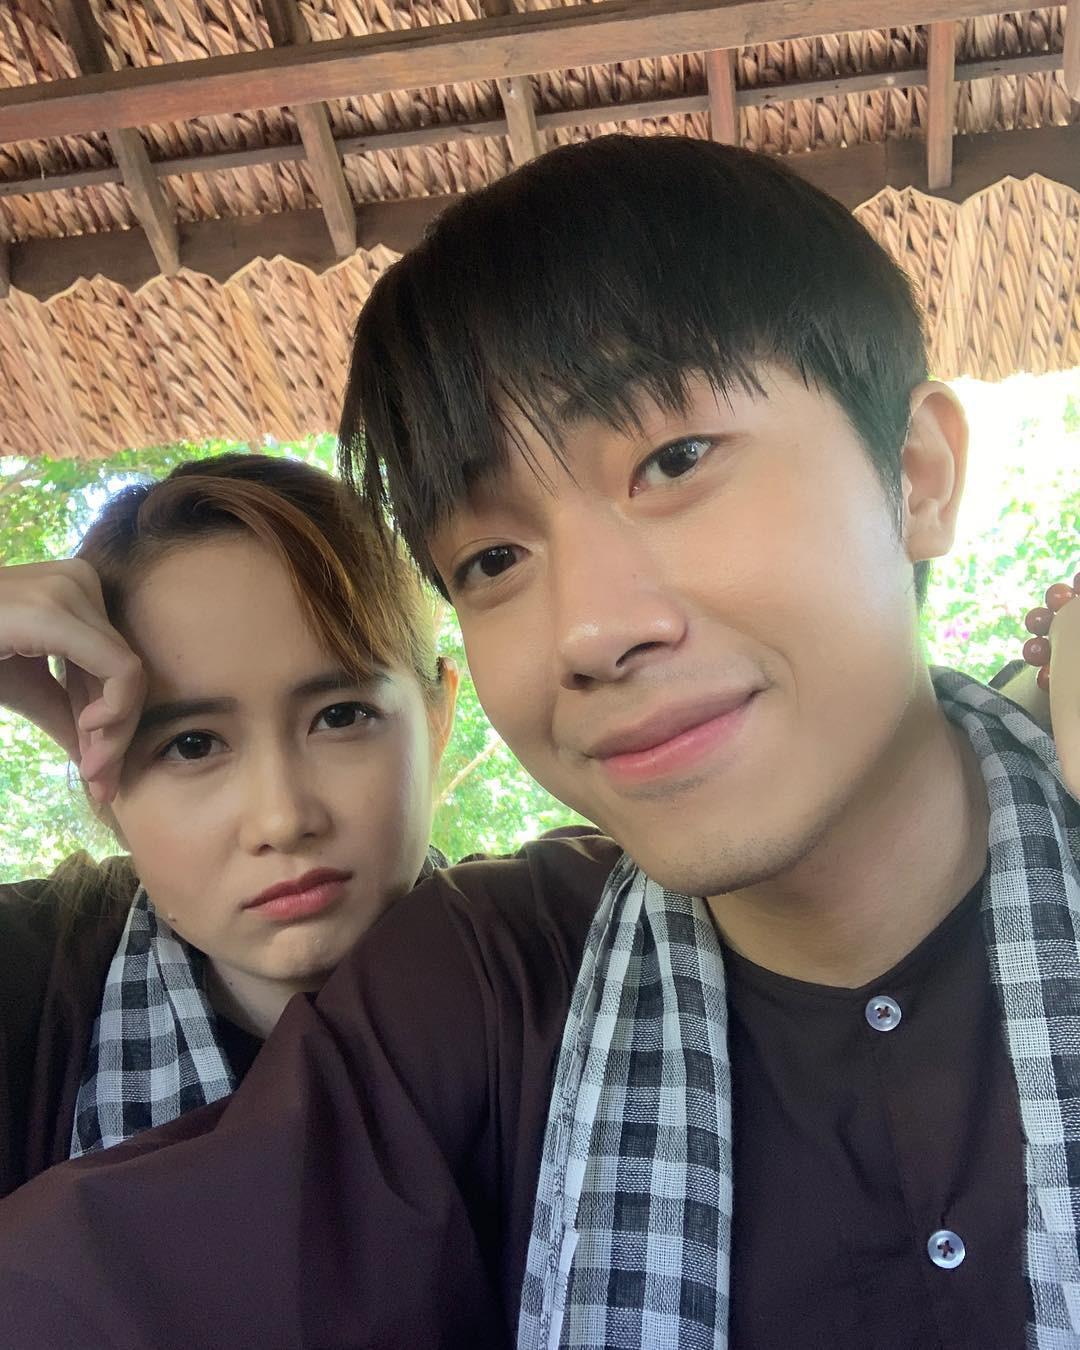 Trước thềm đám cưới siêu to khổng lồ của hot streamer Cris Phan - Mai Quỳnh Anh, fan lục lại khoảnh khắc lầy lội siêu cấp của cặp đôi - Ảnh 5.